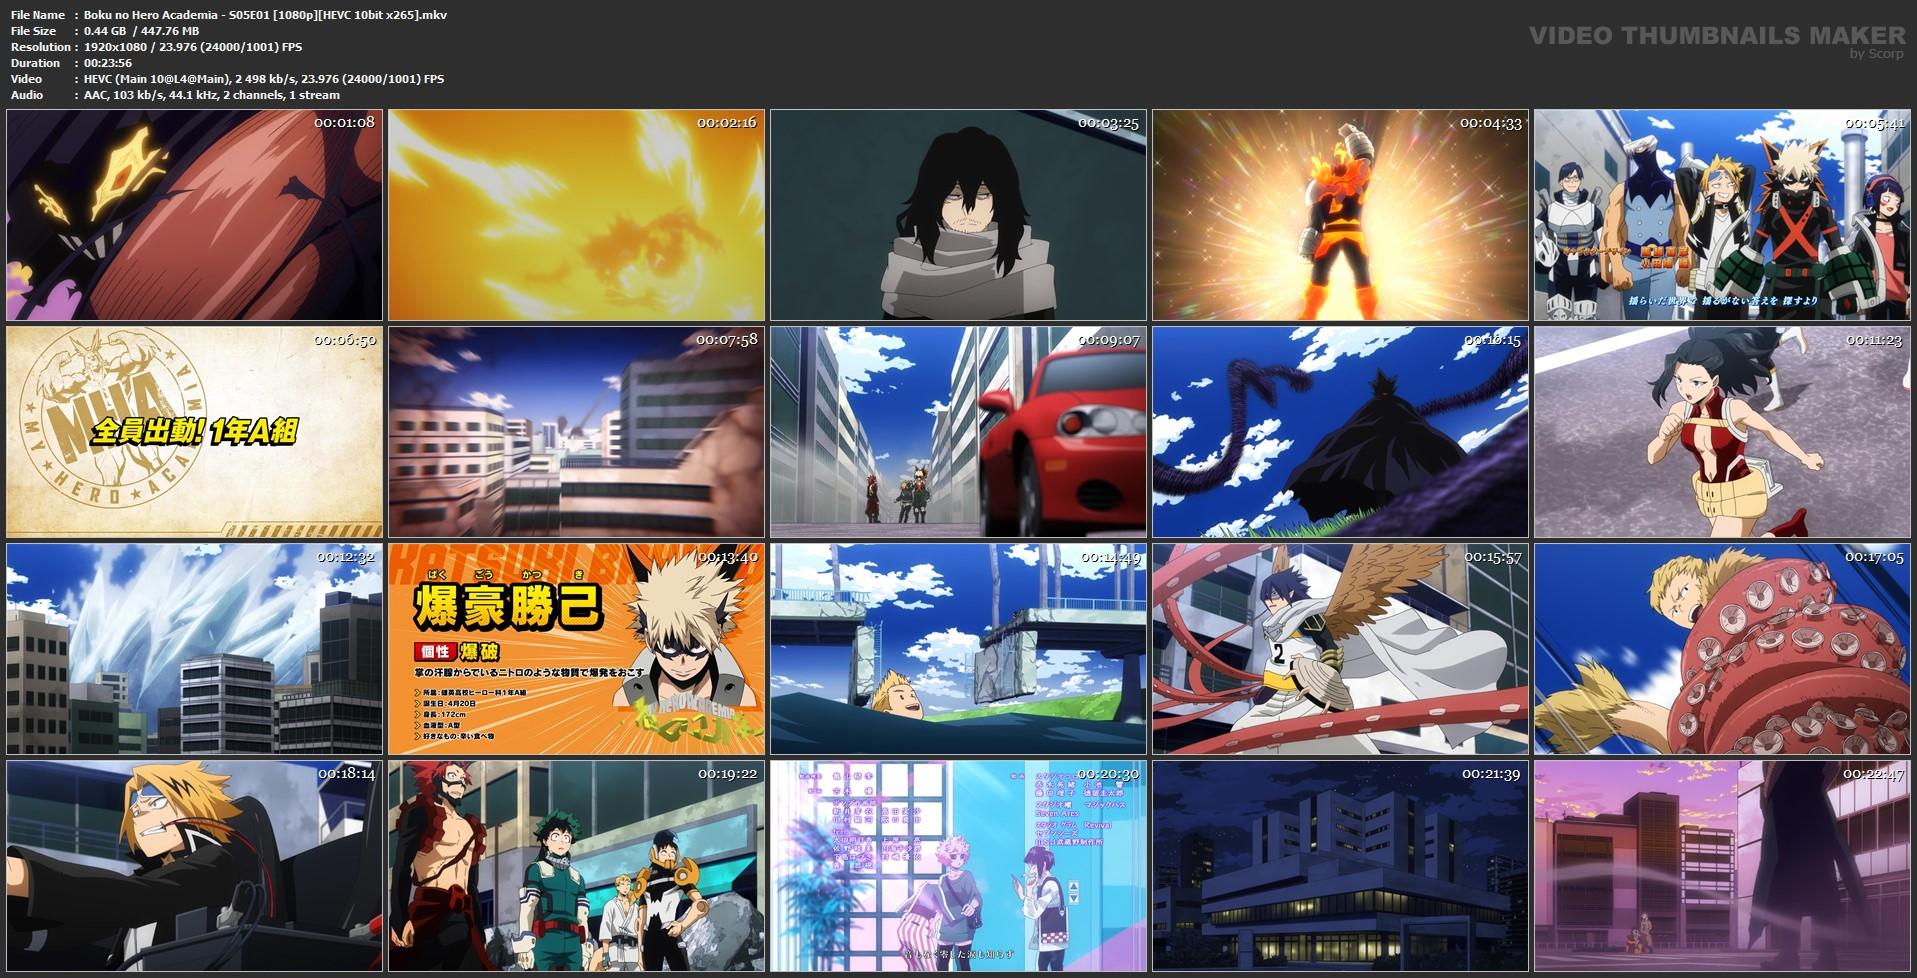 Boku-no-Hero-Academia-S05-E01-1080p-HEVC-10bit-x265-mkv